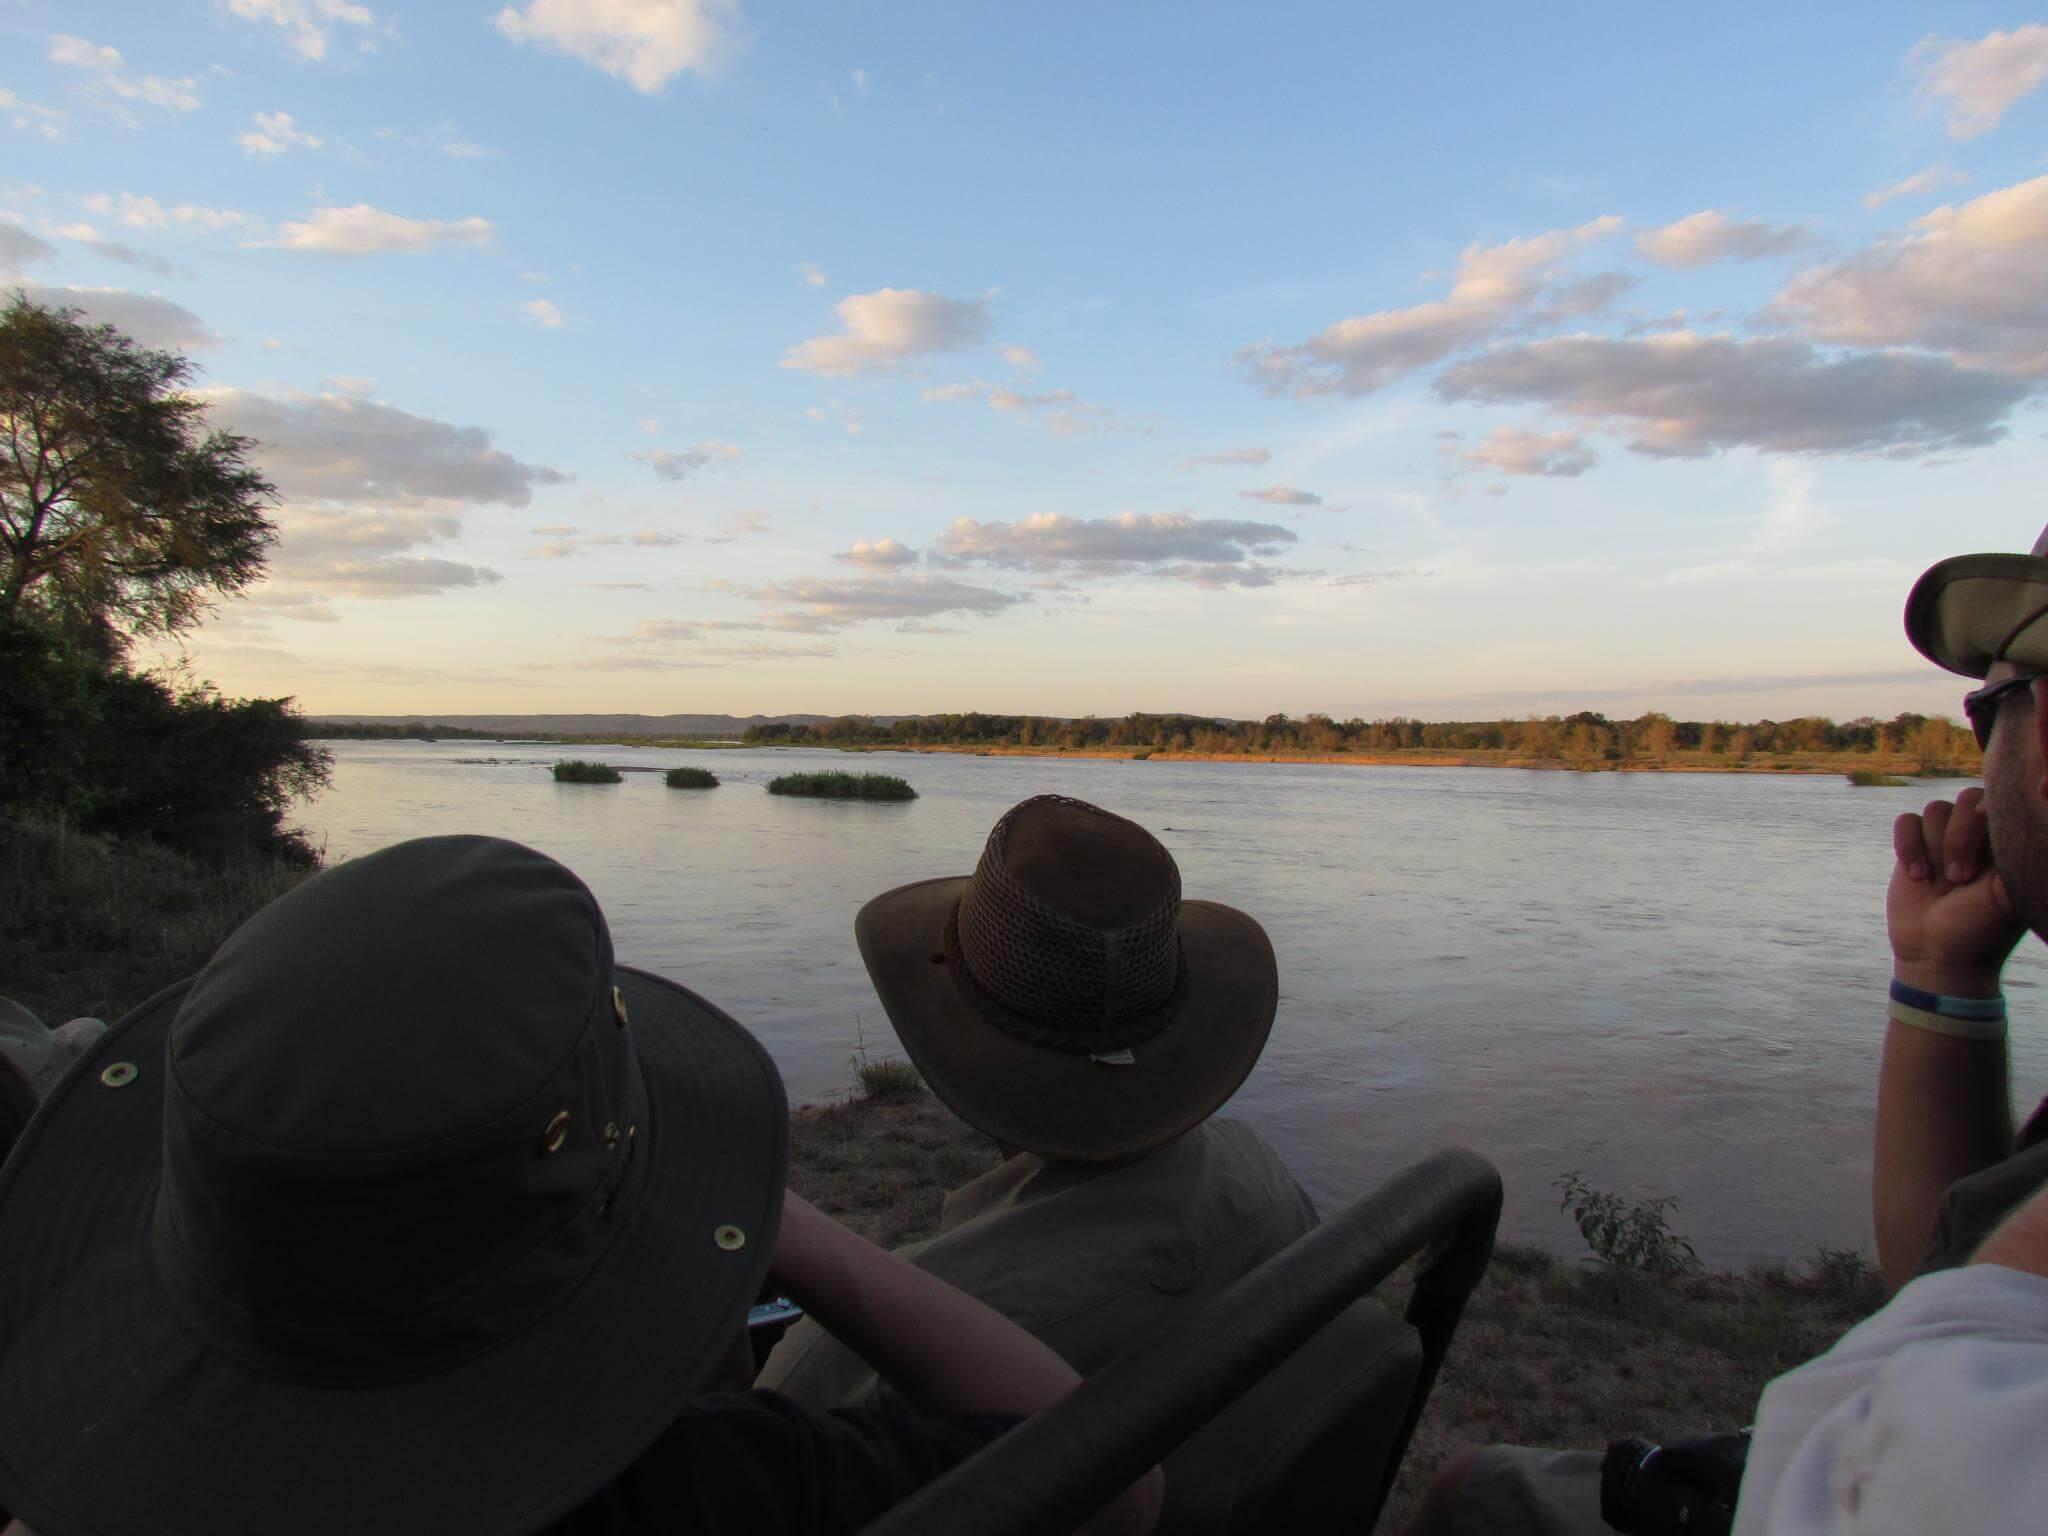 Das Bild zeigt Ranger und den Sonnenuntergang in Südafrika.